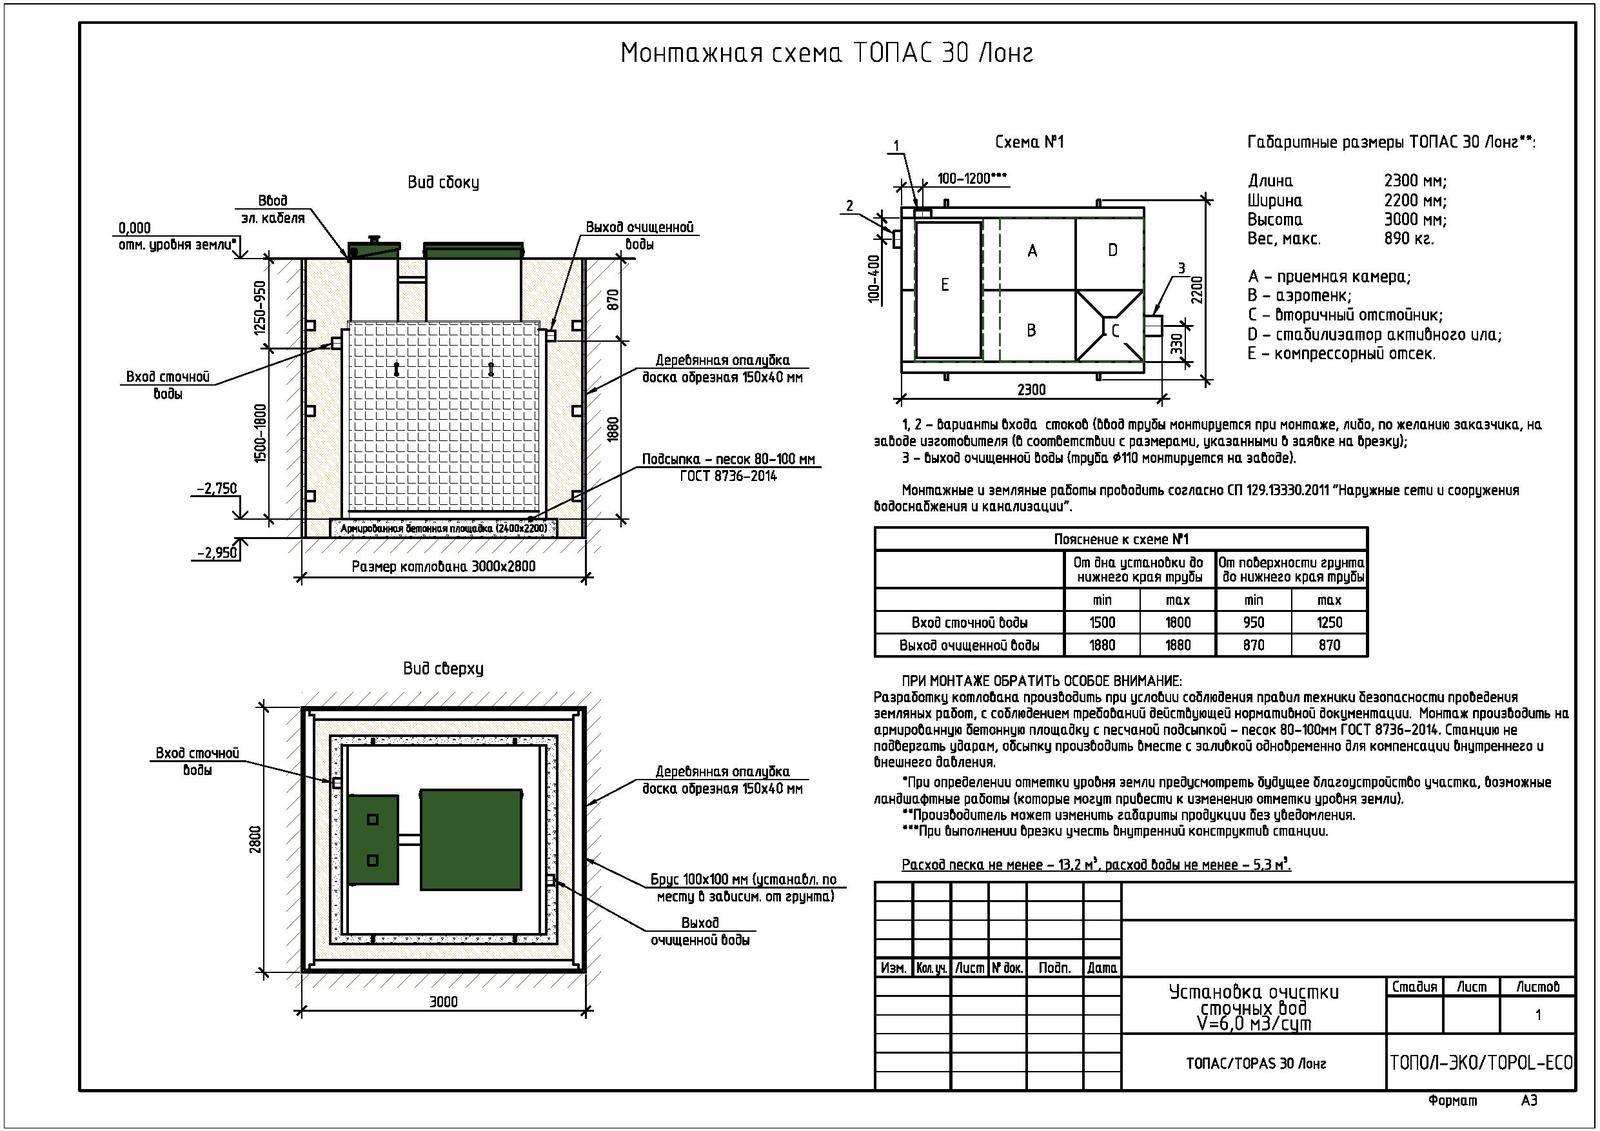 Монтажная схема септика Топас 30 Лонг